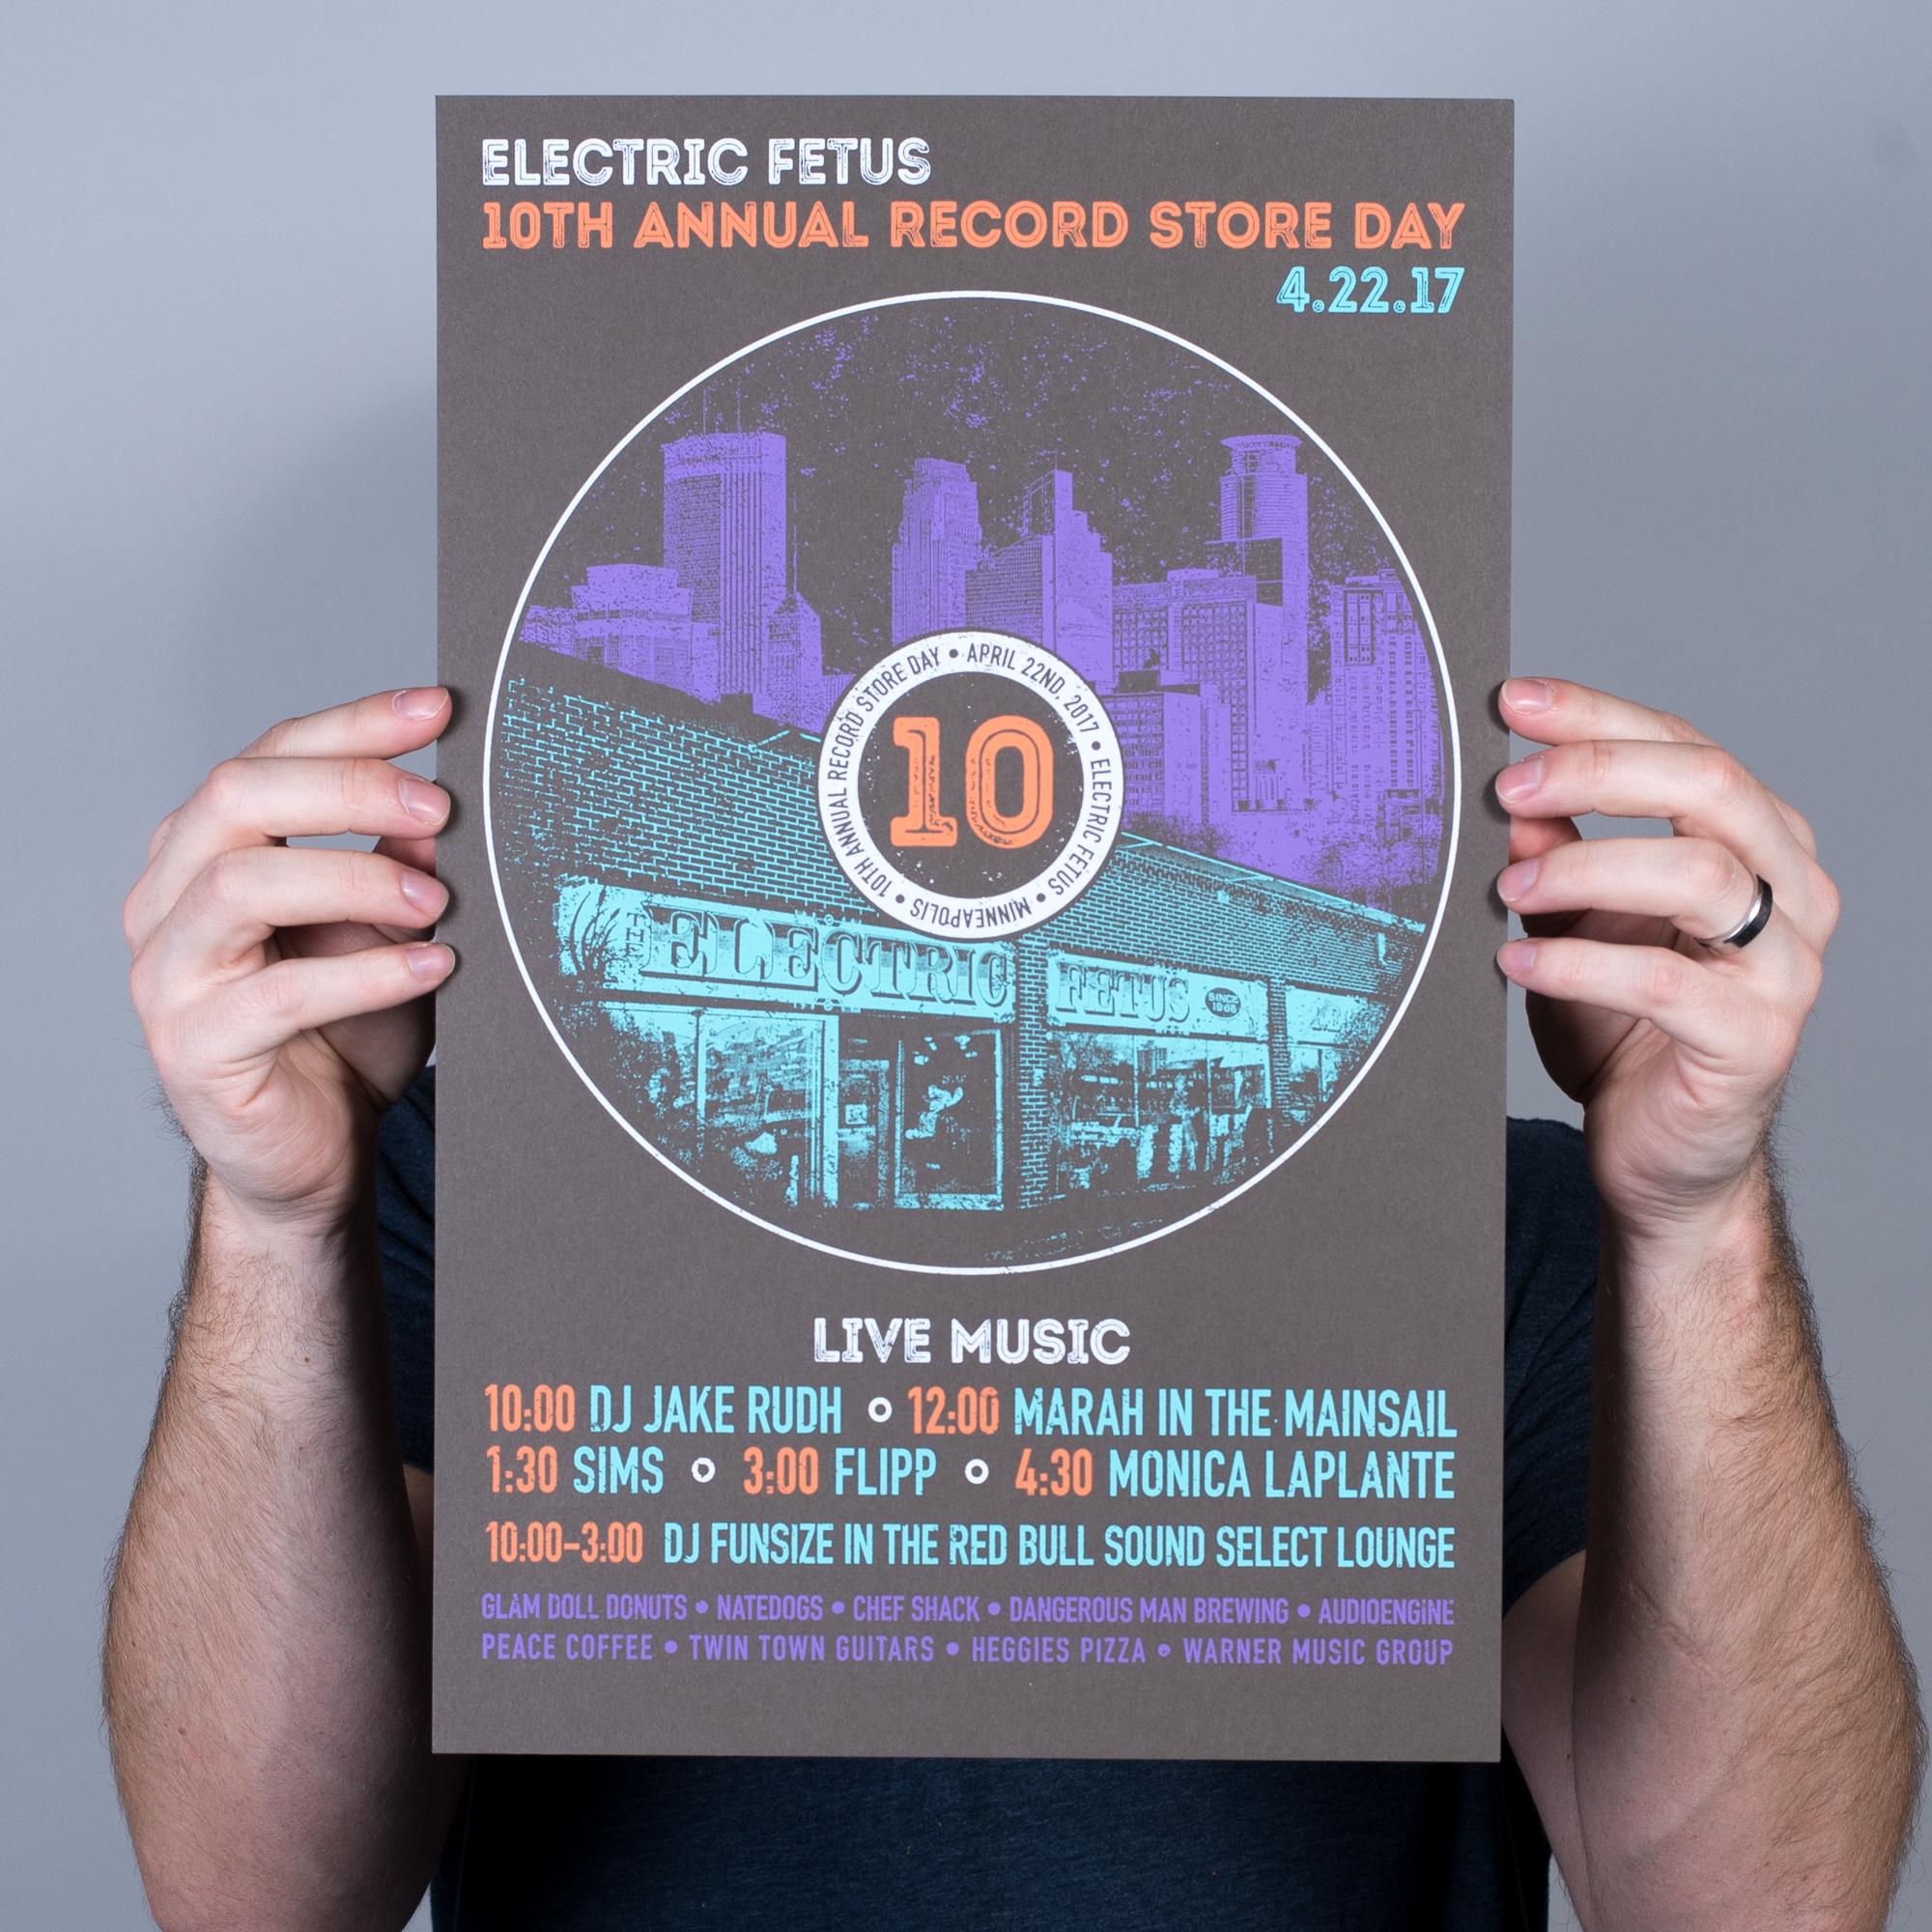 Electric Fetus RSD '17 - MPLS